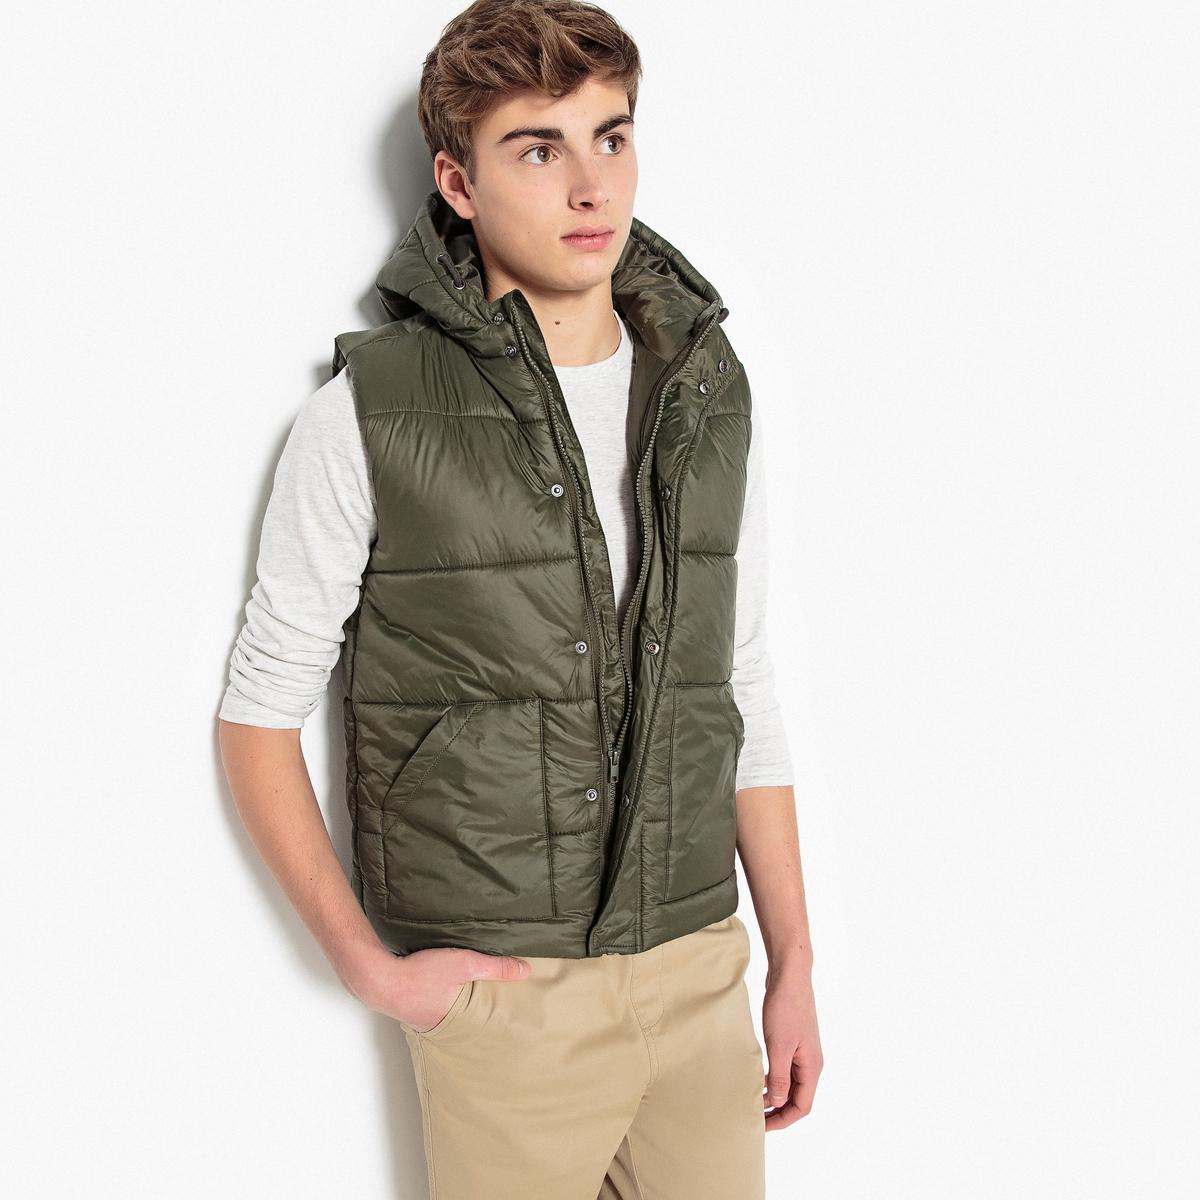 Стёганая куртка без рукавов на 10-16 летДетали •  Для холодной зимы •  Непромокаемая •  Застежка на молнию •  с капюшоном •Длина : укороченная  Состав и уход •  100% полиамид •  Подкладка : 100% полиэстер •  Наполнитель : 100% полиэстер •  Температура стирки 30° •  Не гладить / не отбеливать •  Не использовать барабанную сушку •  Сухая чистка запрещена<br><br>Цвет: синий морской<br>Размер: 12 лет -150 см